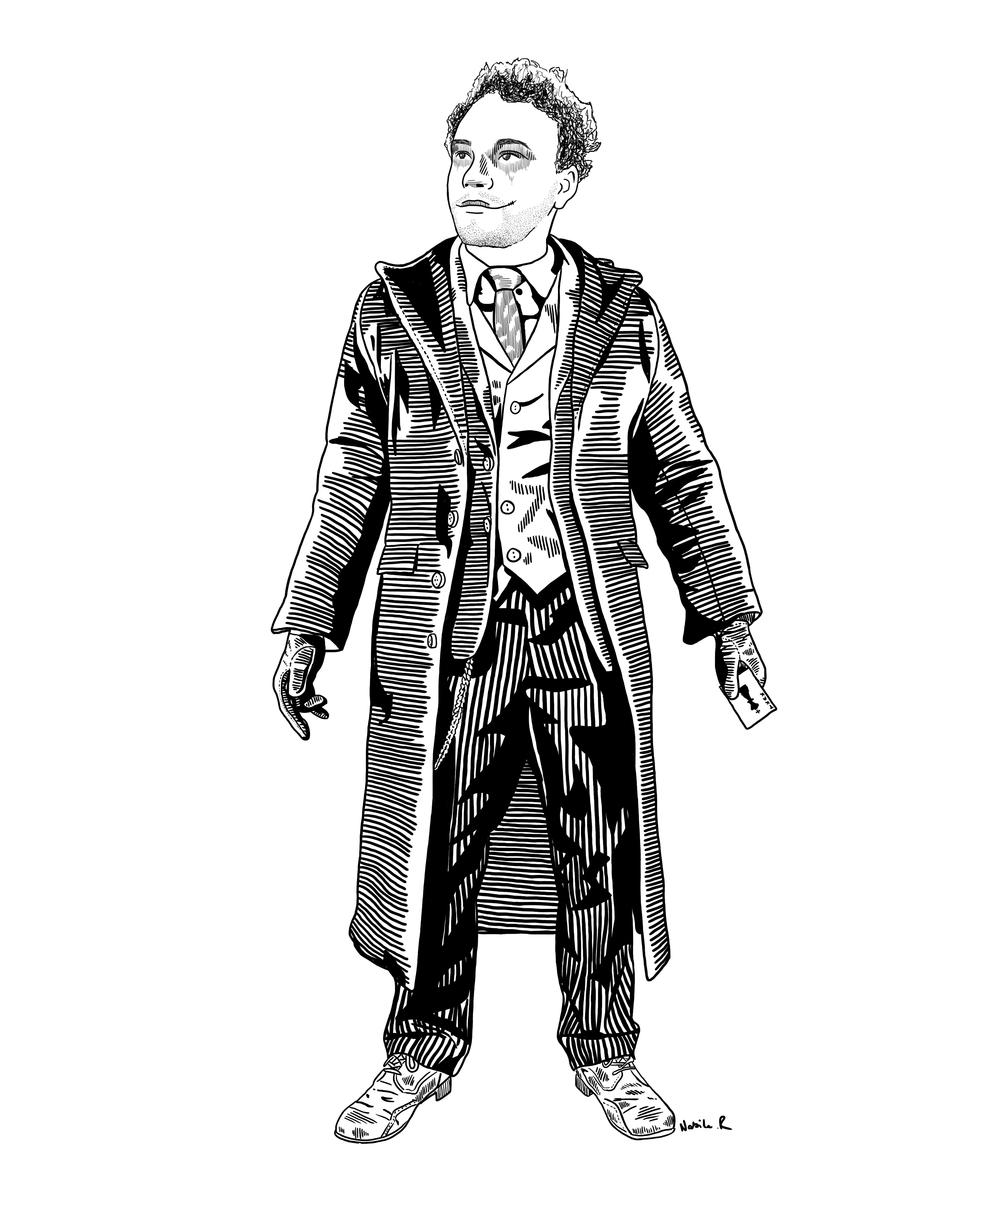 Joker McNeill